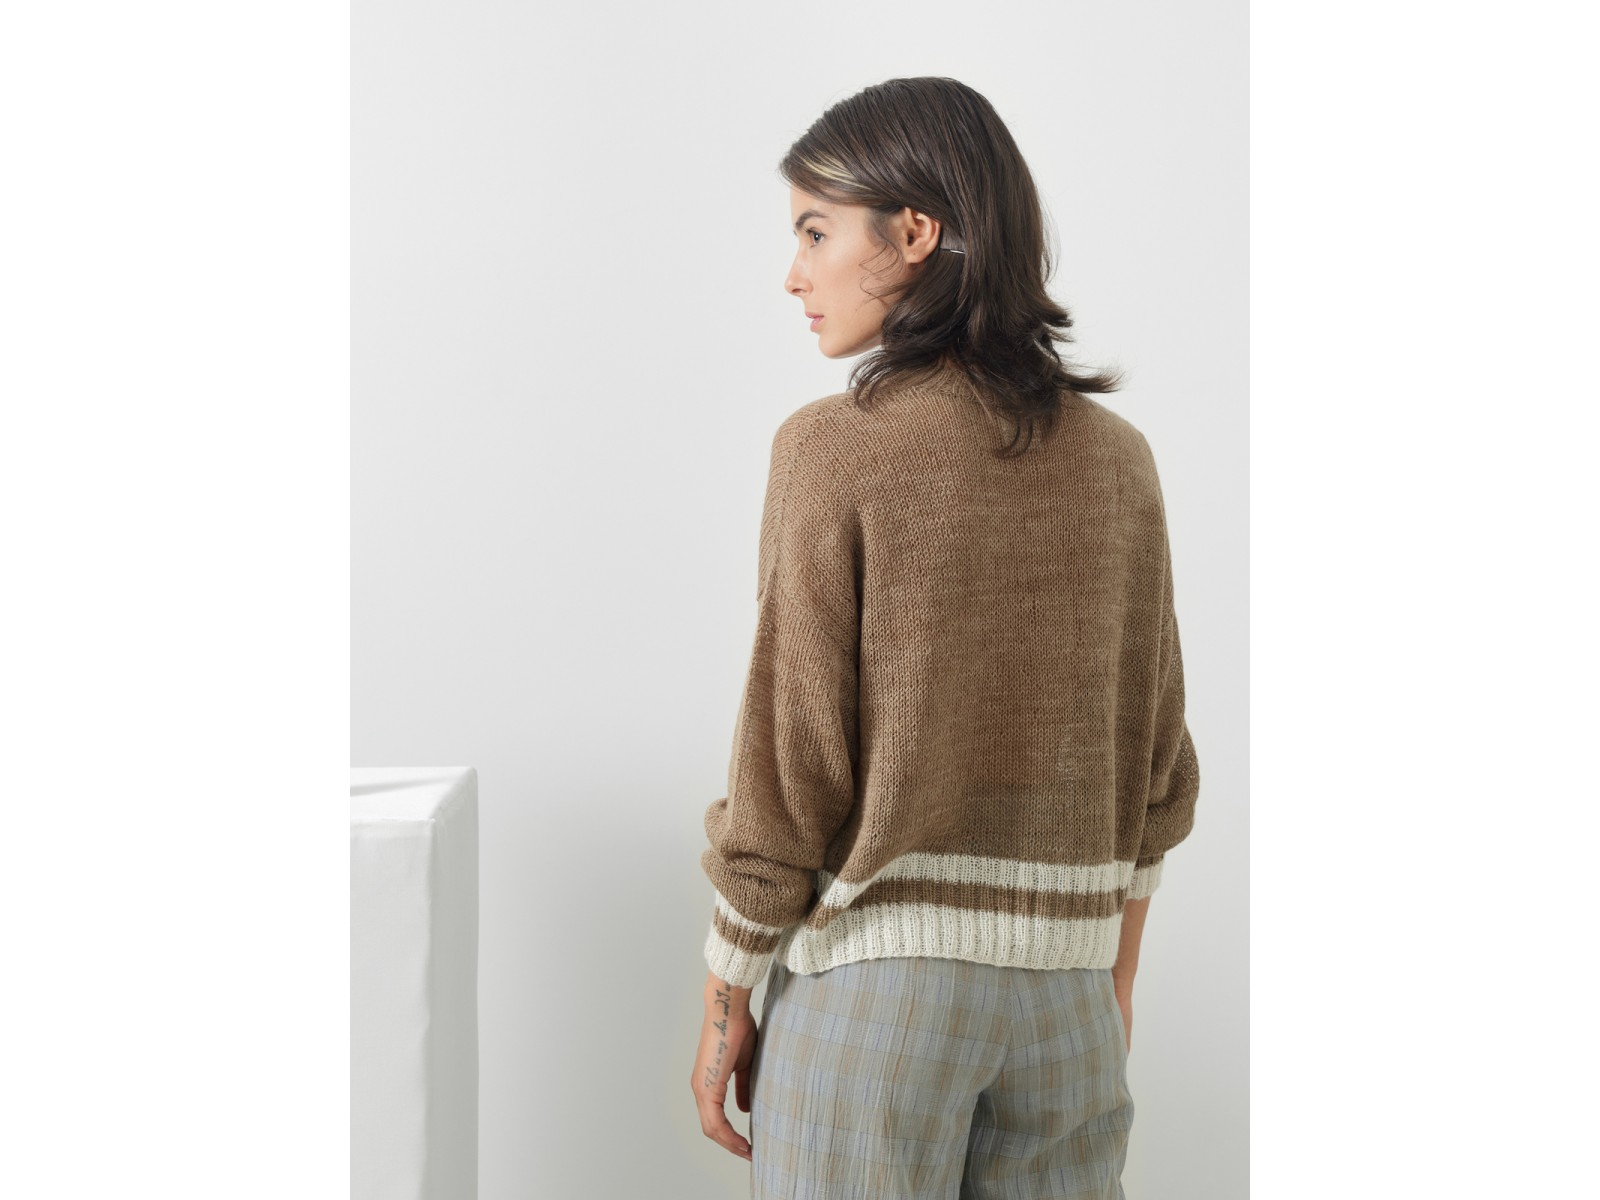 Large v-neck sweater Image